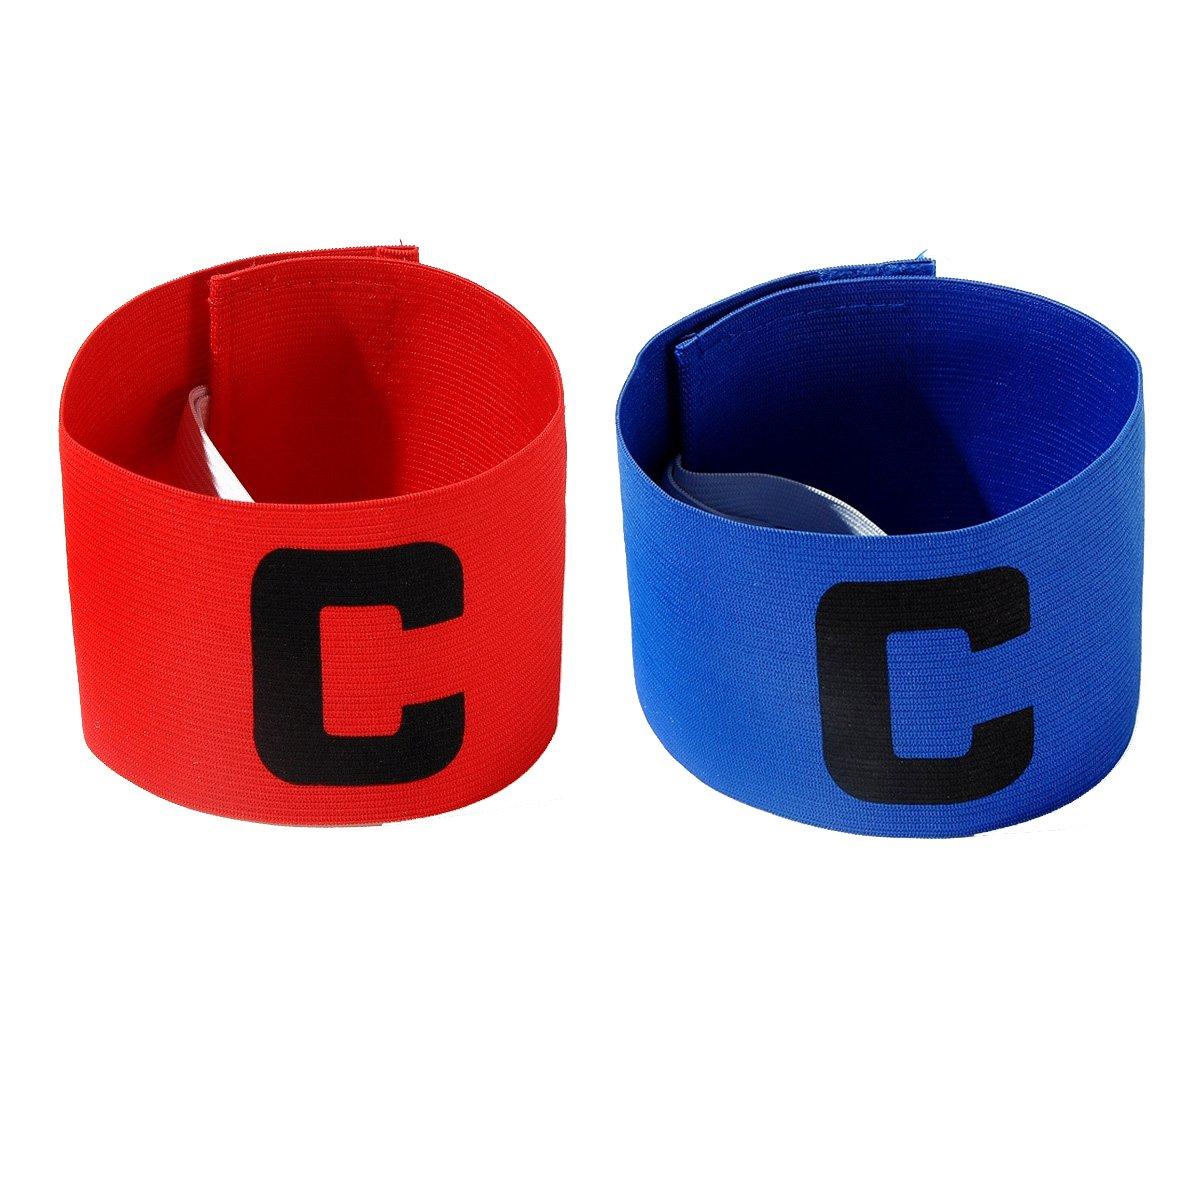 Jiele Multicolor Fußball Captain Armband, Fußball C Standard Gummizug Armband für Kinder, Roll-Klettverschluss, geeignet für viele Arten von Sport Meichin